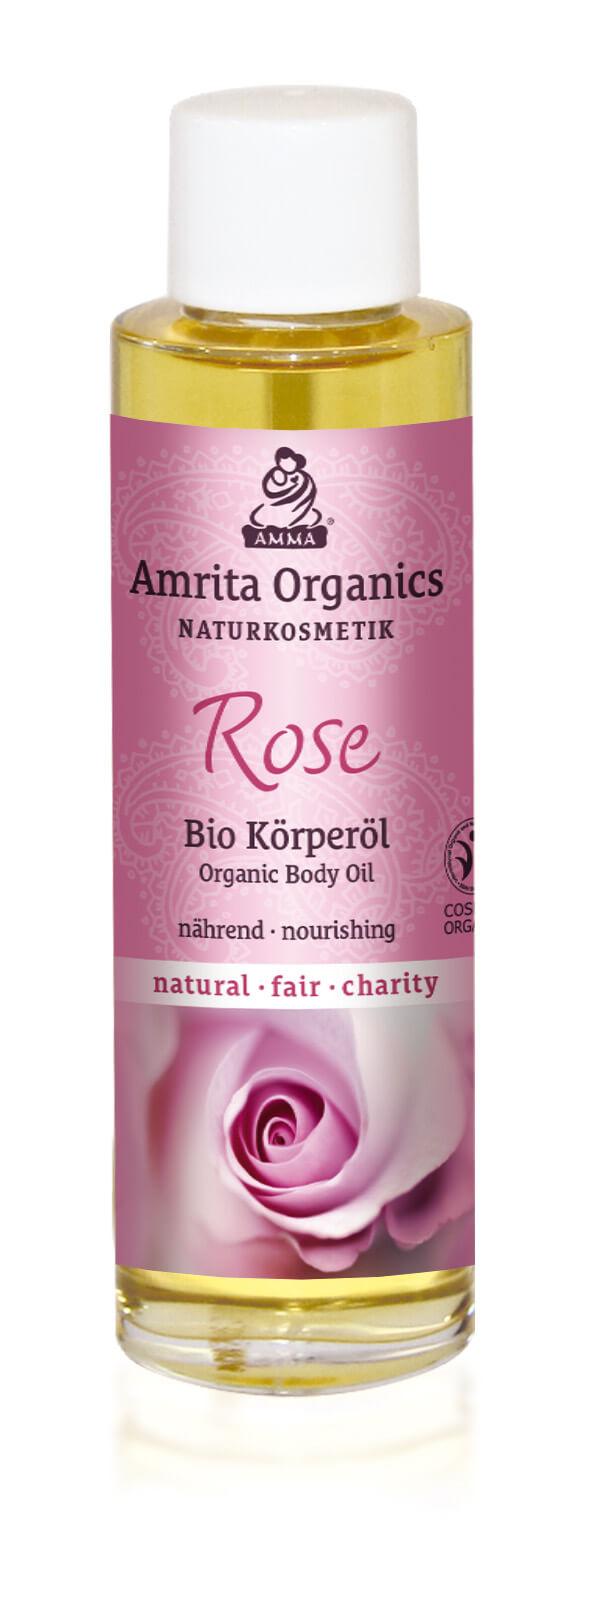 Körperöl Rose, bio